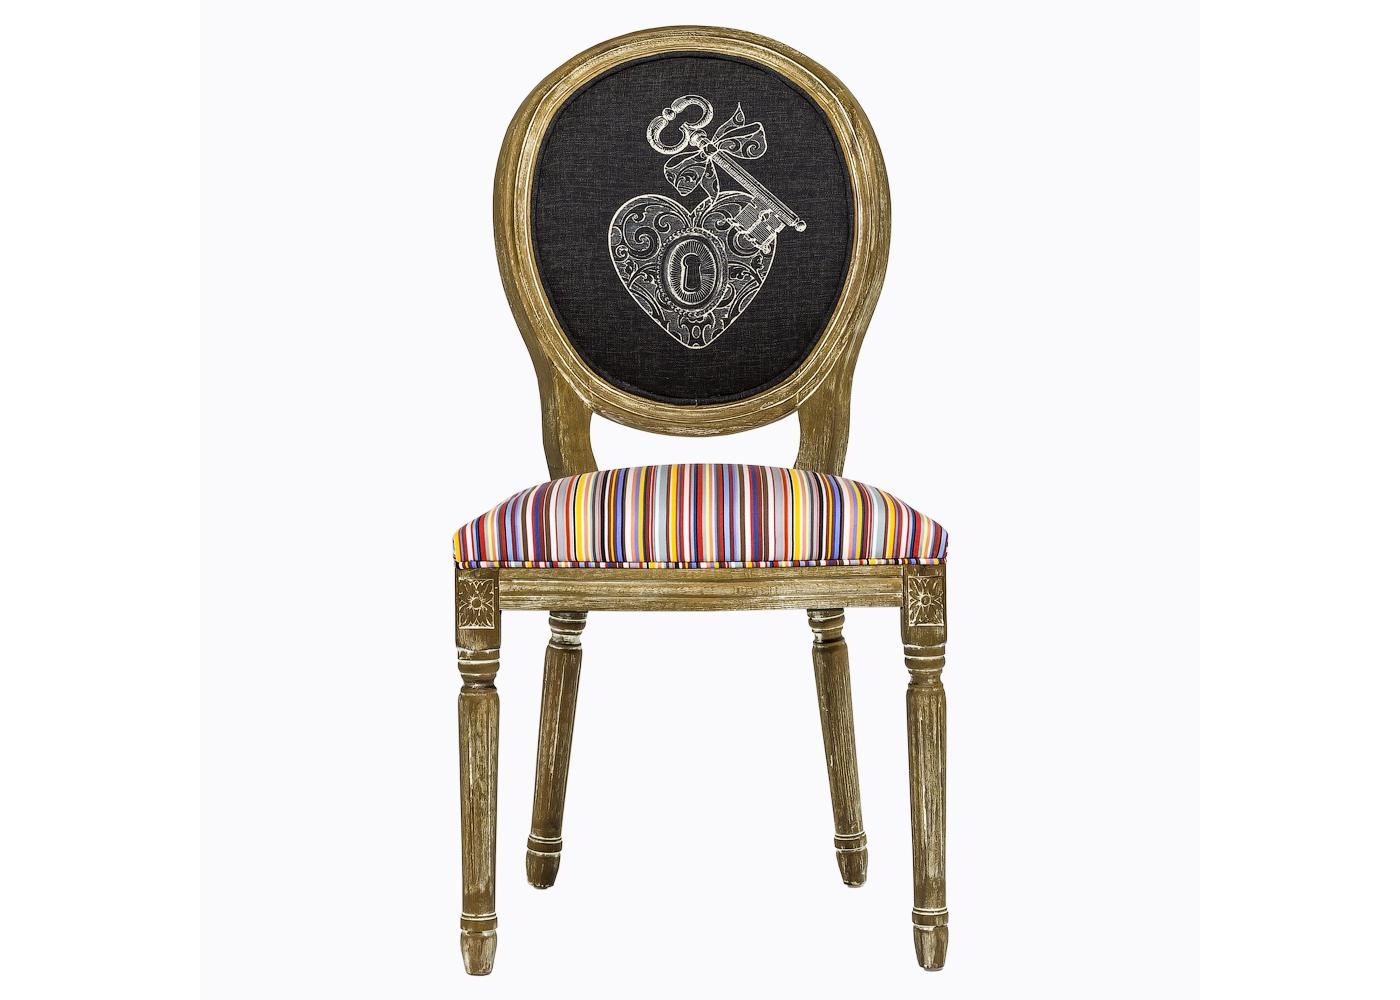 """Стул «Ключ к сердцу / Страйп»Обеденные стулья<br>Дизайн стула &amp;quot;Ключ к сердцу / Страйп&amp;quot; предназначен тем, кто видит стулья не бытовым предметом, а парадным интерьерным украшением, способным задать пространству стиль и достоинство. Искусное патинирование - не только дань винтажной моде, но и справедливый намек на исключительную долговечность мебели из натурального дуба. Обивка стула изготовлена из """"Тканей Солнца"""" французского дома Les Toiles du Soleil, - мирового лидера производства интерьерных тканей. Мягкость, комфортабельность и долговечность сидения обеспечены внутренней подвеской из эластичных ремней.<br><br>Material: Дерево<br>Ширина см: 50<br>Высота см: 99<br>Глубина см: 58"""